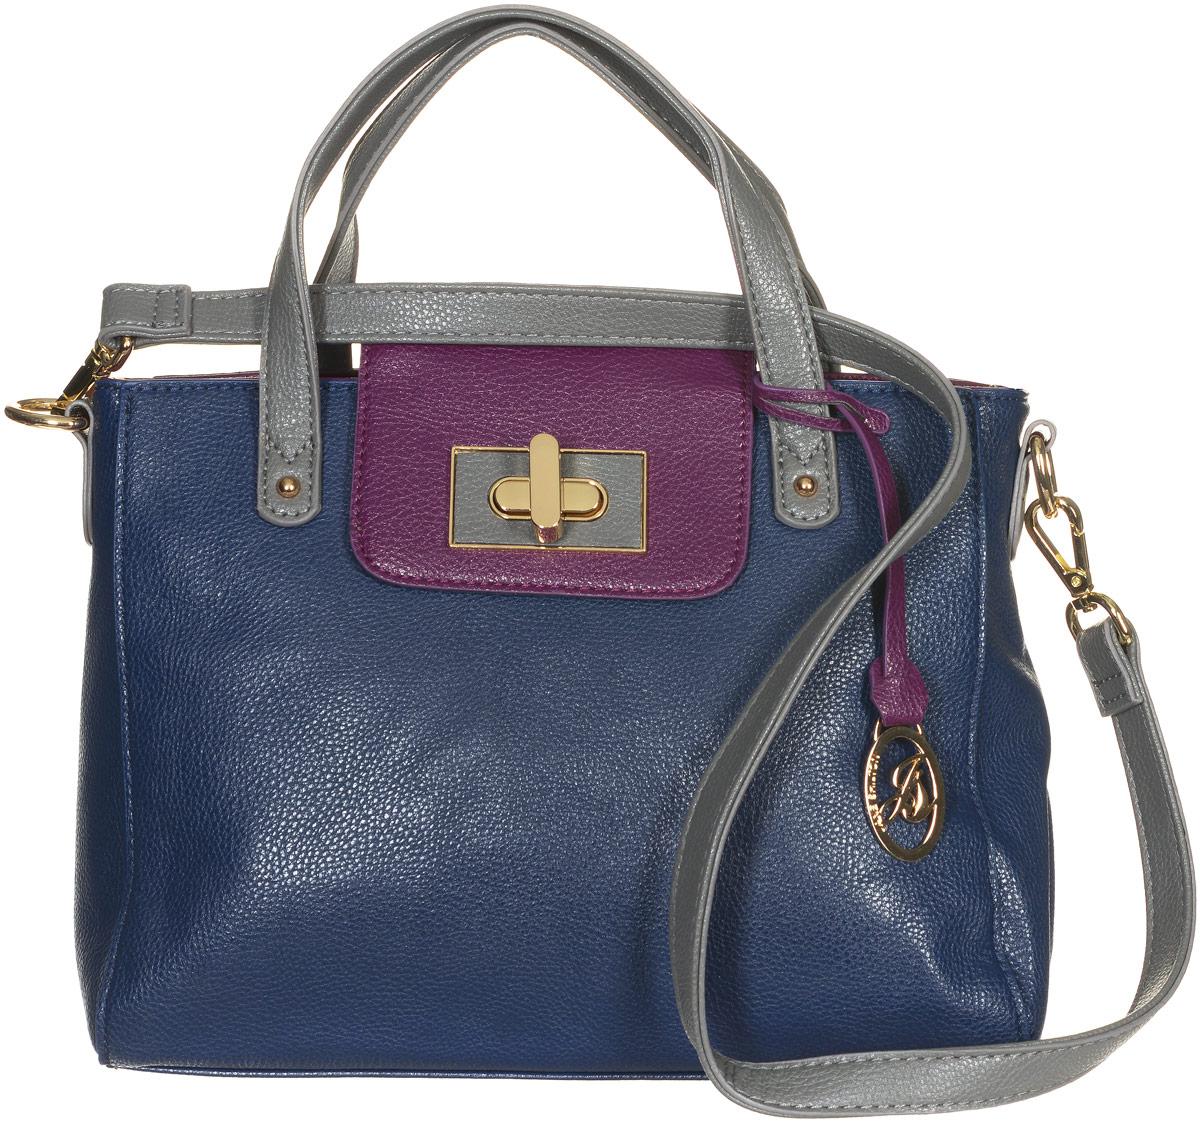 Сумка женская Jane Shilton, цвет: темно-синий, пурпурный. 21382138m_navyСтильная сумка Jane Shilton не оставит вас равнодушной благодаря своему дизайну и практичности. Она изготовлена из качественной искусственной кожи зернистой текстуры. На тыльной стороне расположен удобный вшитый карман на молнии. Сумка оснащена удобными ручками, которые оформлены металлической фирменной подвеской. Также сумка дополнена съемным плечевым ремнем, который фиксируется с помощью замков-карабинов. Изделие закрывается на удобную молнию. Внутри расположено одно главное отделение на молнии, которое разделяет карман-средник на молнии. Также внутри расположен один открытый накладной карман для телефона и один вшитый карман на молнии для мелочей. Такая модная и практичная сумка завершит ваш образ и станет незаменимым аксессуаром в вашем гардеробе.